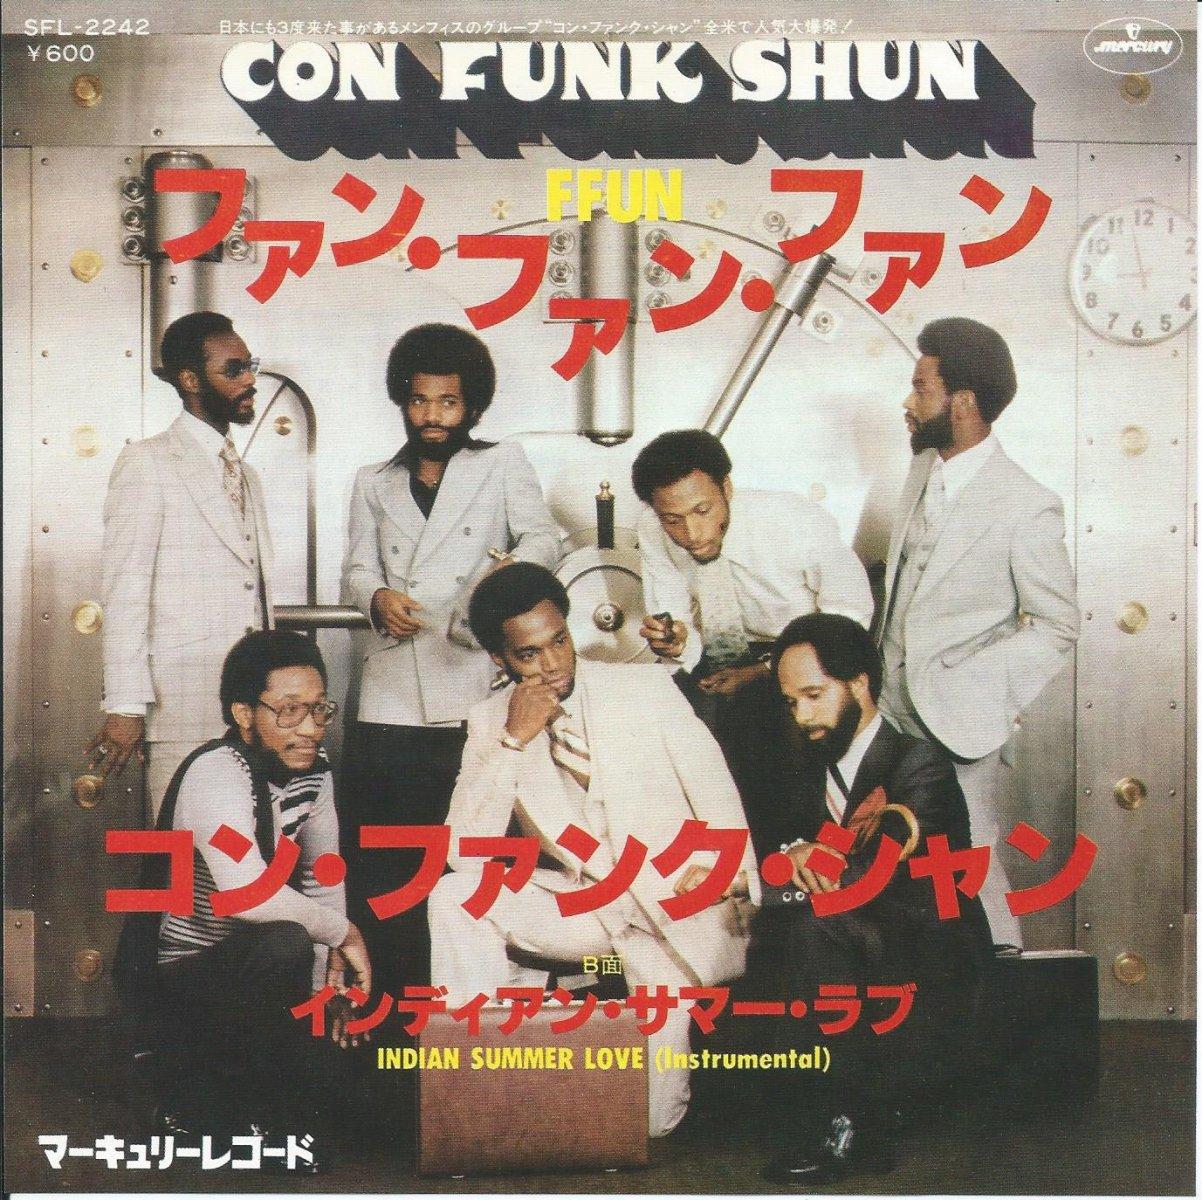 コン・ファンク・シャン CON FUNK SHUN / ファン・ファン・ファン FFUN (7